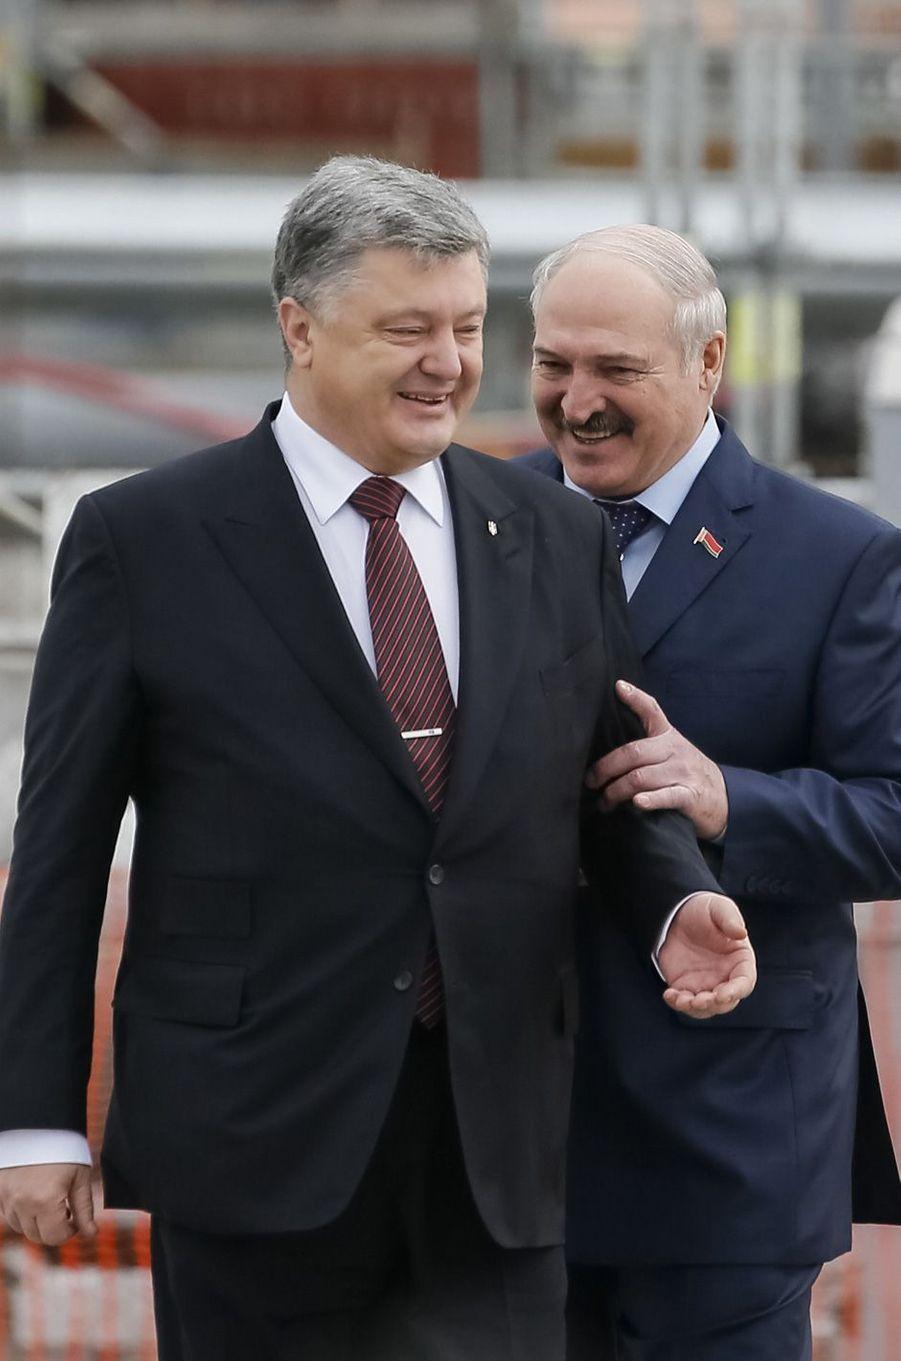 Les présidents ukrainien et bélarusse Petro Porochenko etAlexandre Loukachenko à Tchernobyl, le 26 avril 2017.